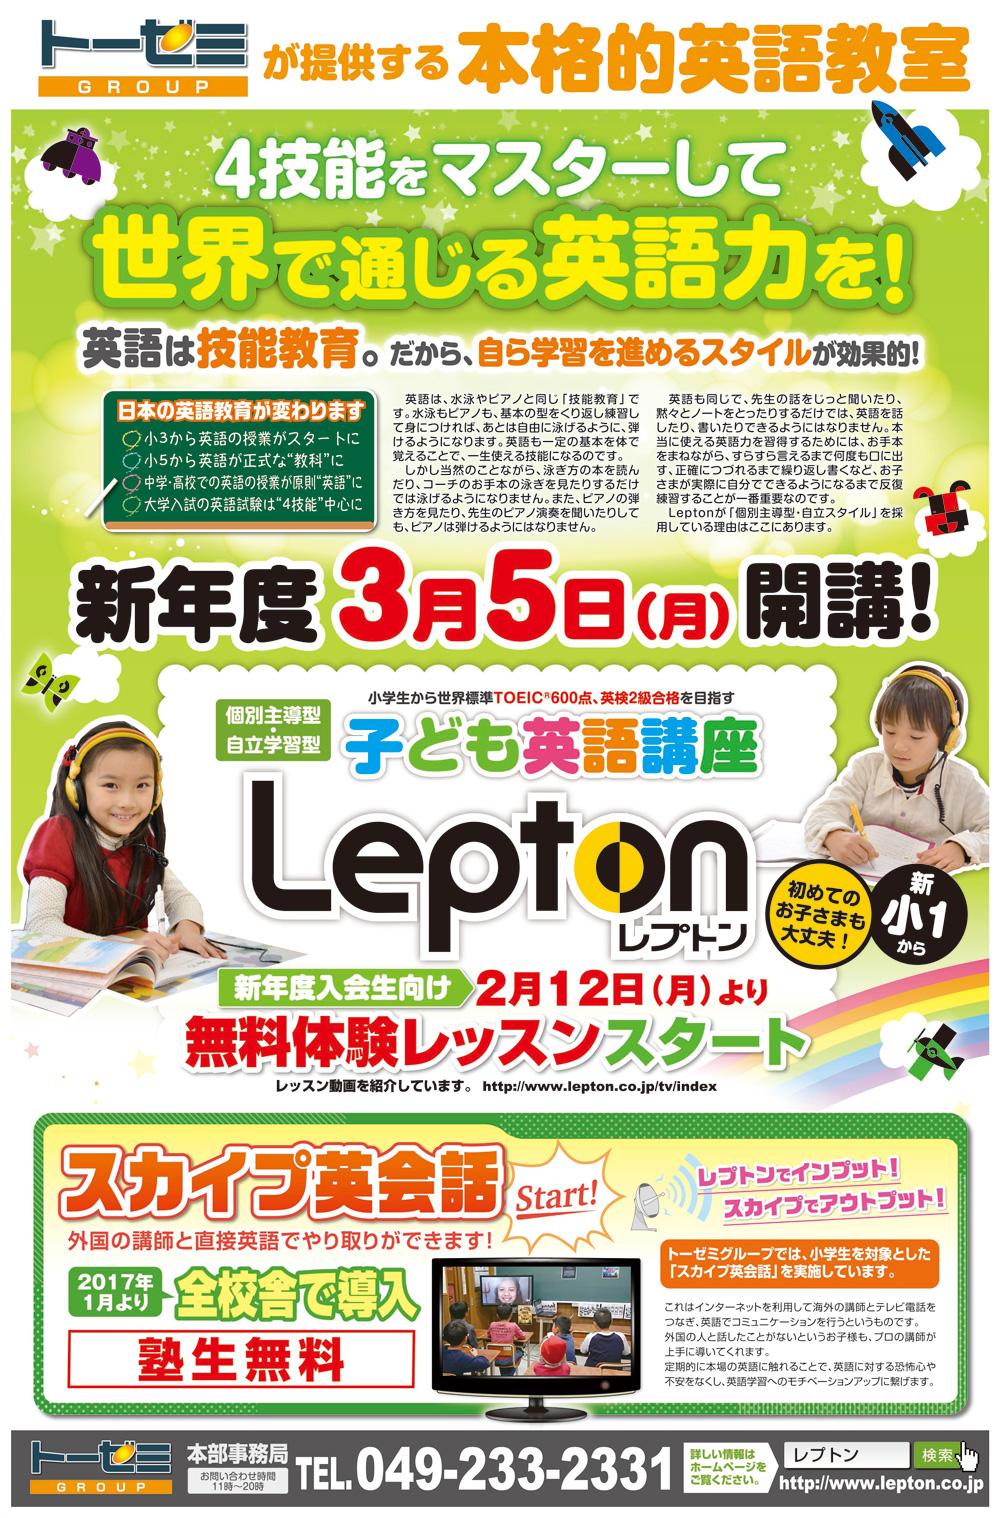 新聞折込チラシ(小学生英語 Lepton 新年度開講キャンペーン)